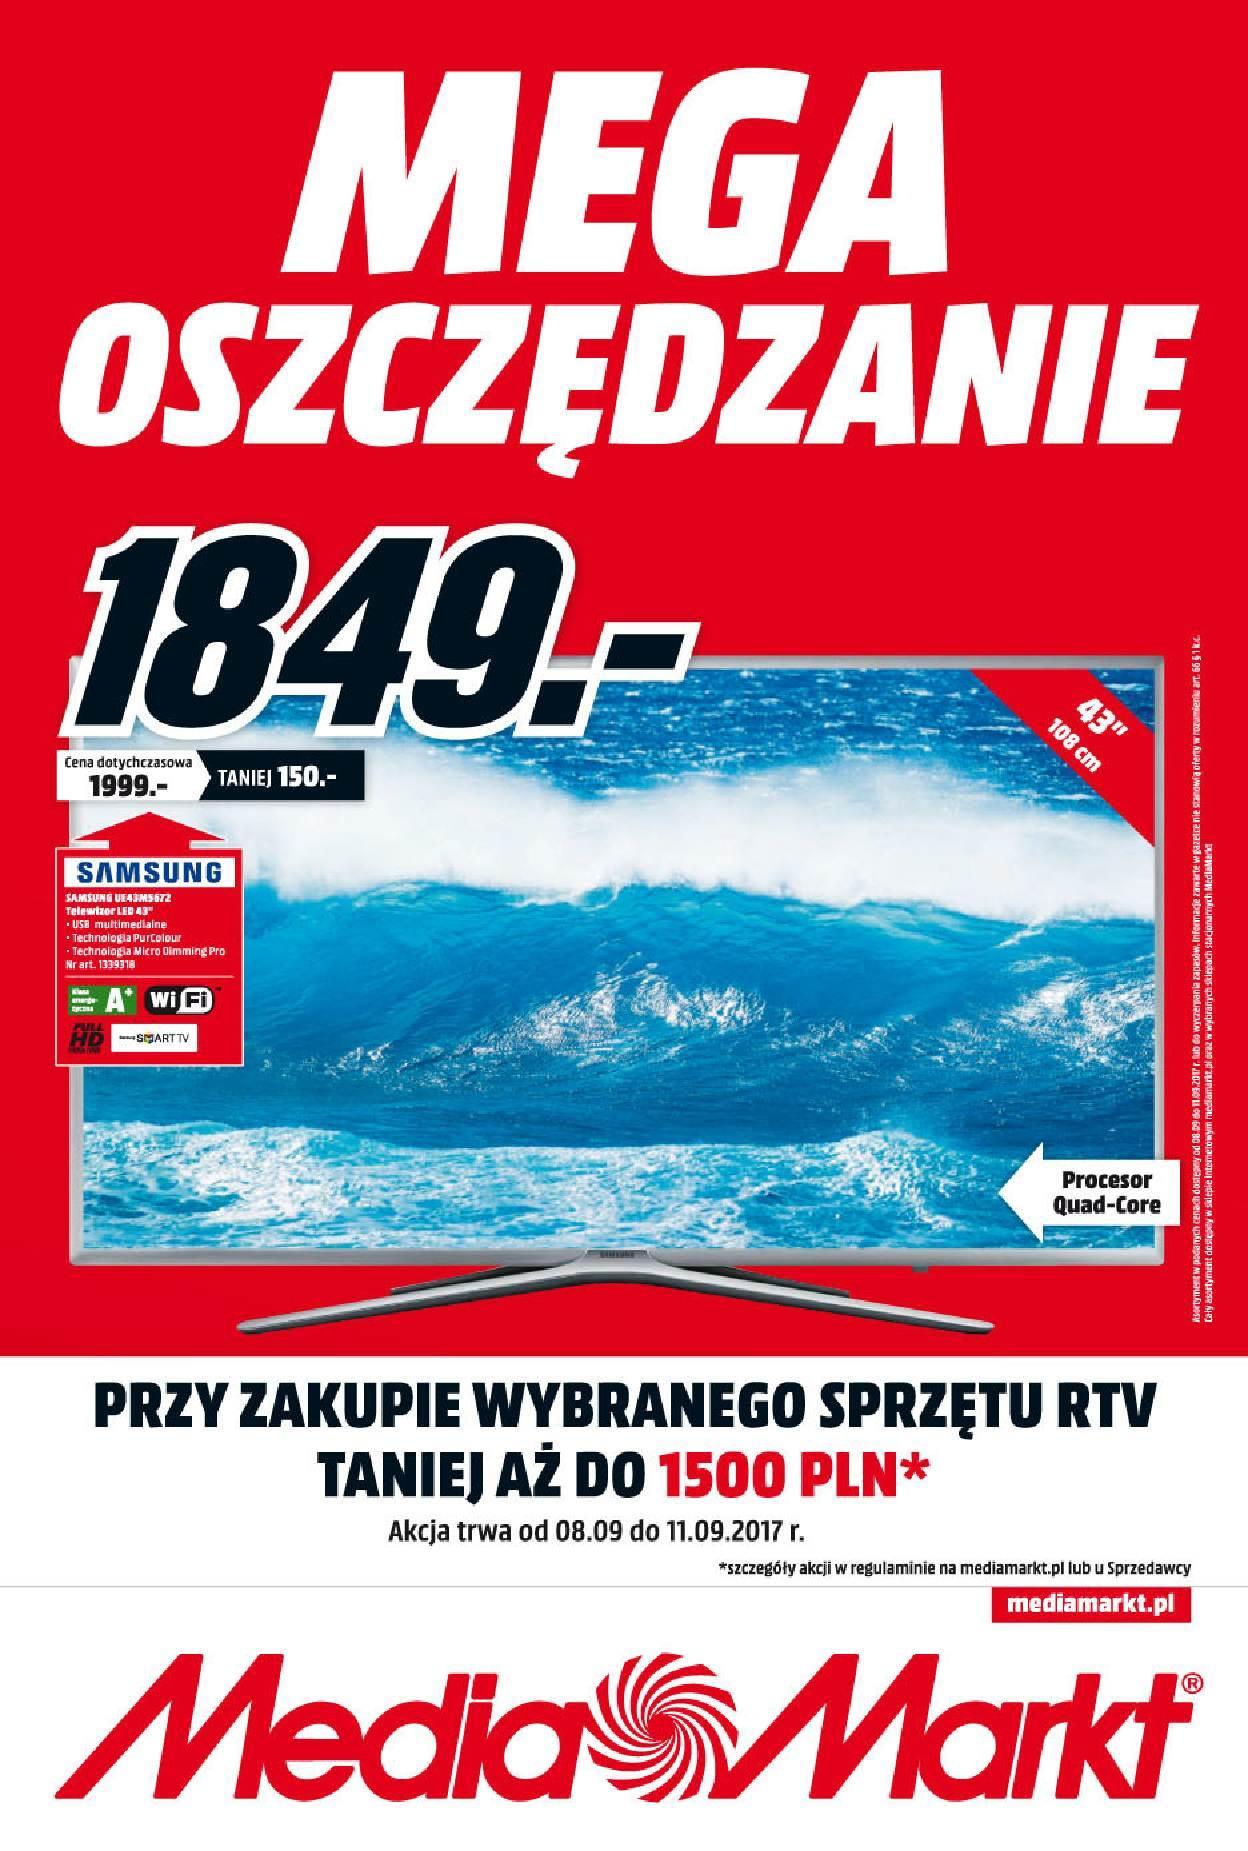 Gazetka promocyjna Media Markt do 14/09/2017 str.0